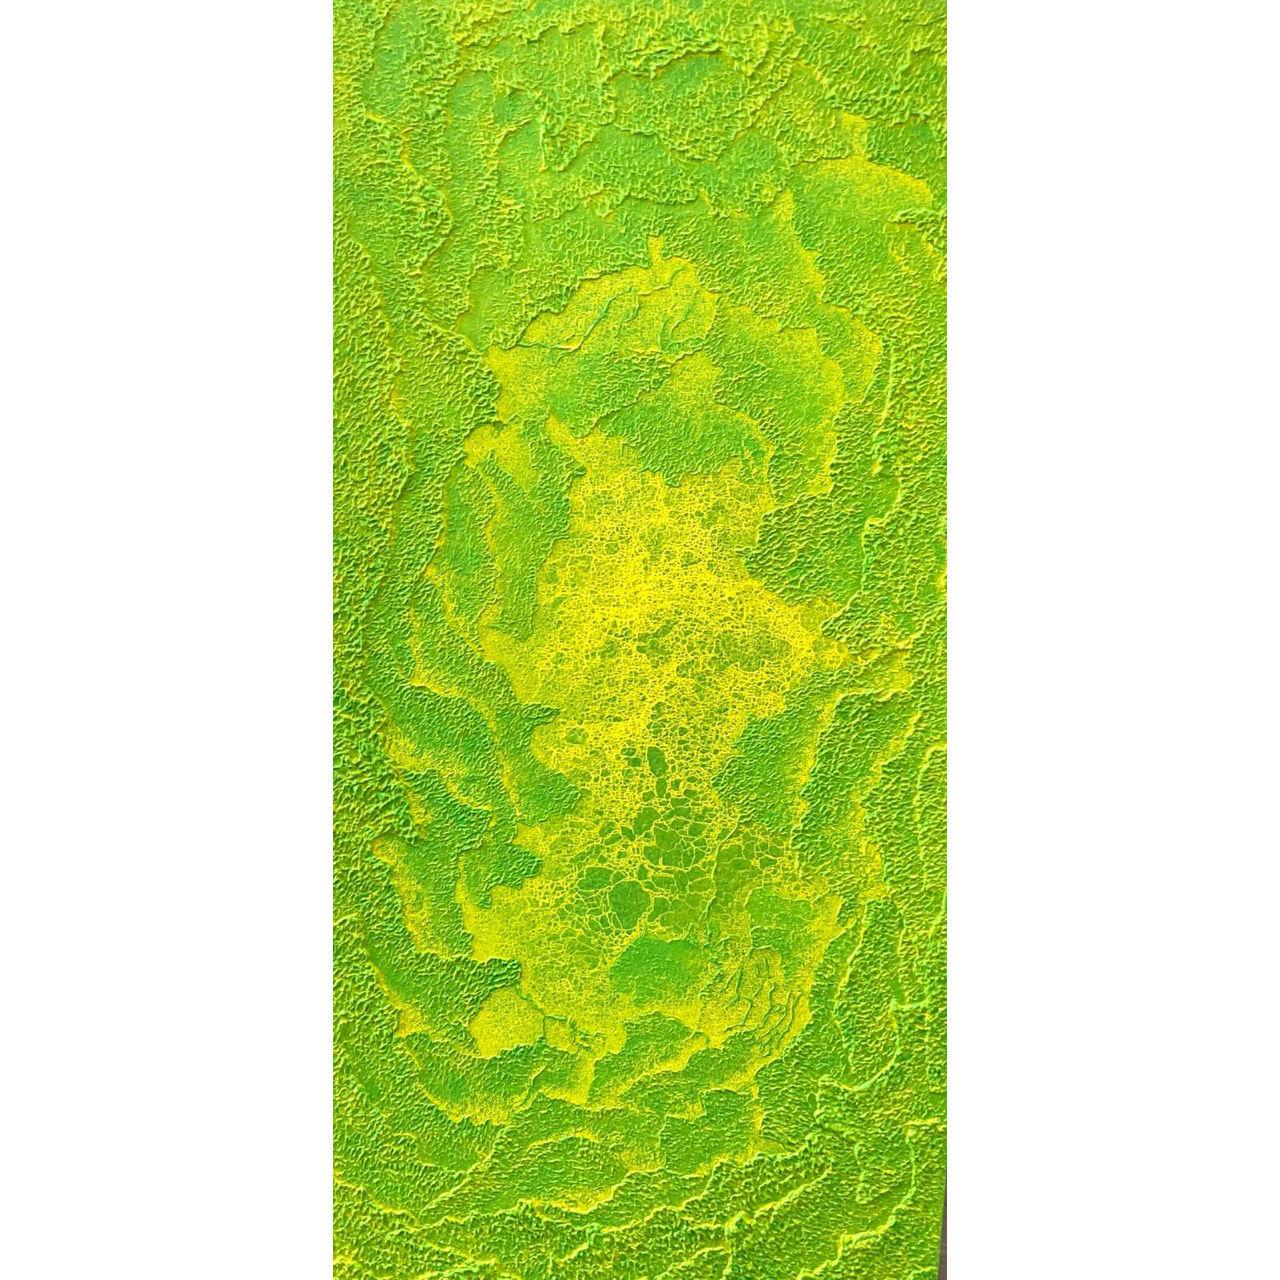 Immagine di Green yellow